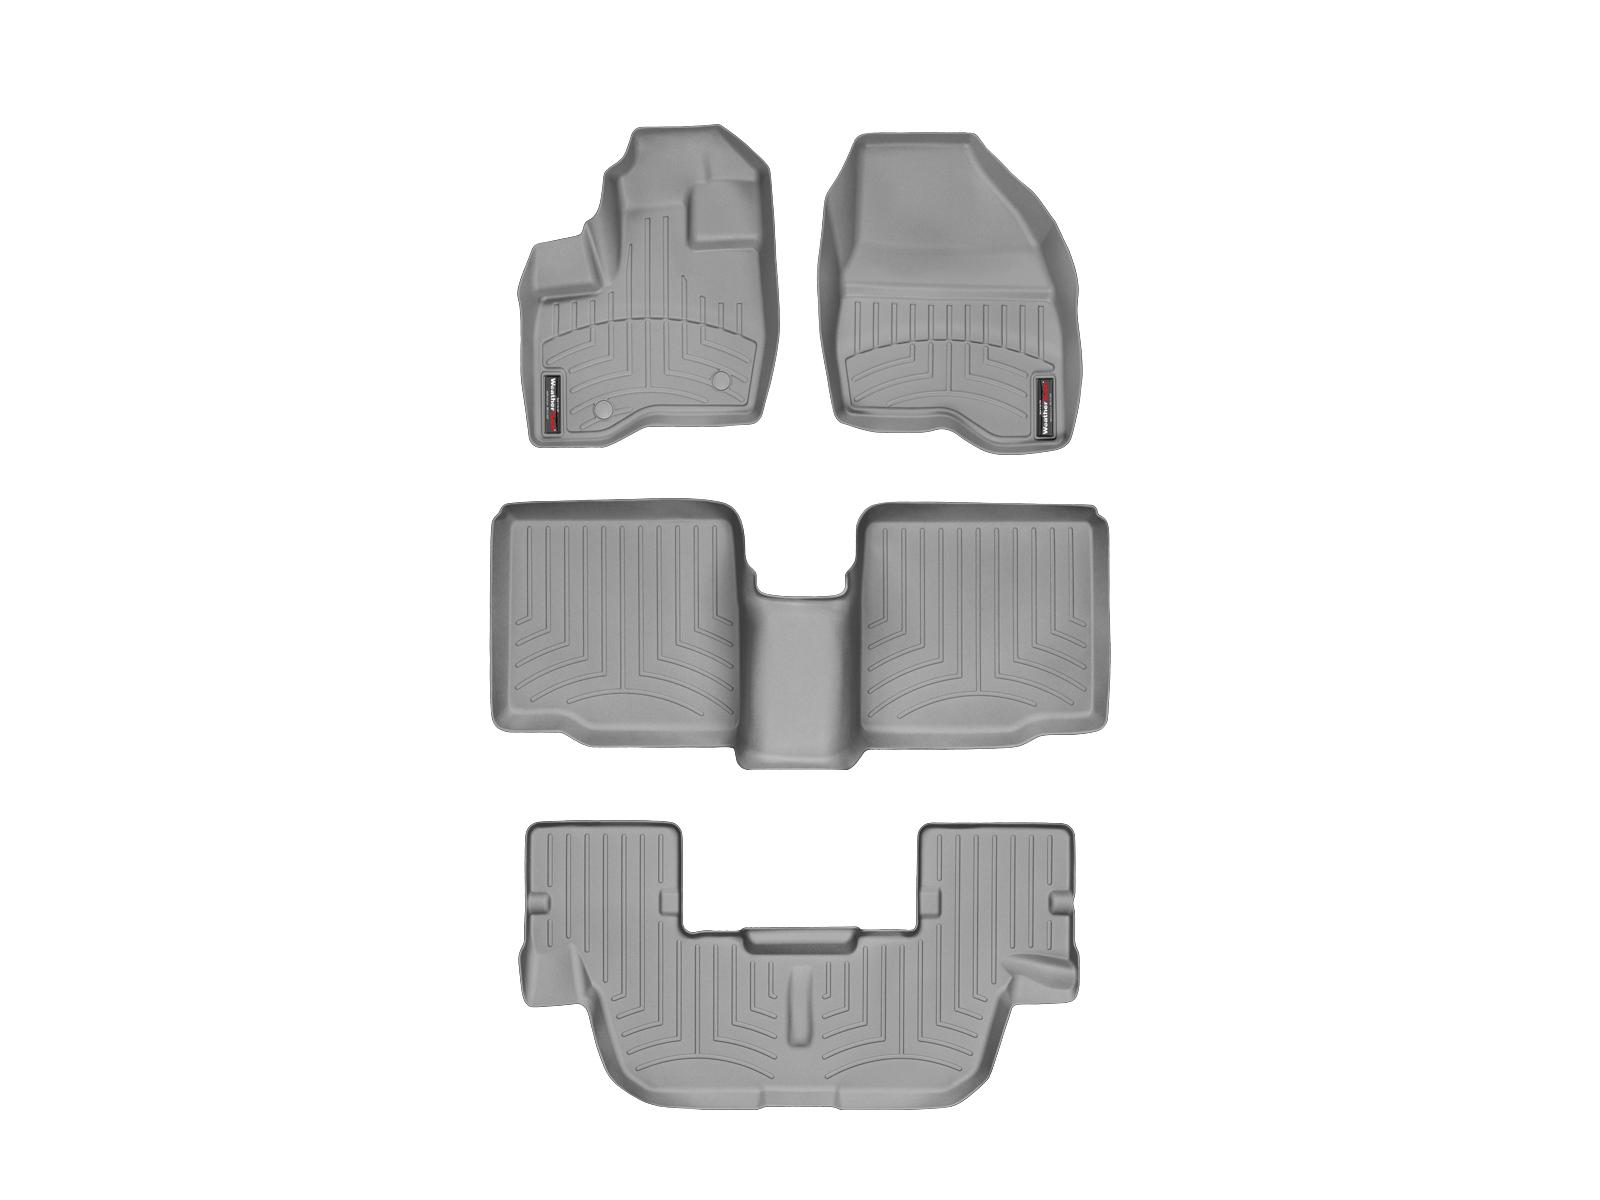 Tappeti gomma su misura bordo alto Ford Explorer 11>14 Grigio A863*